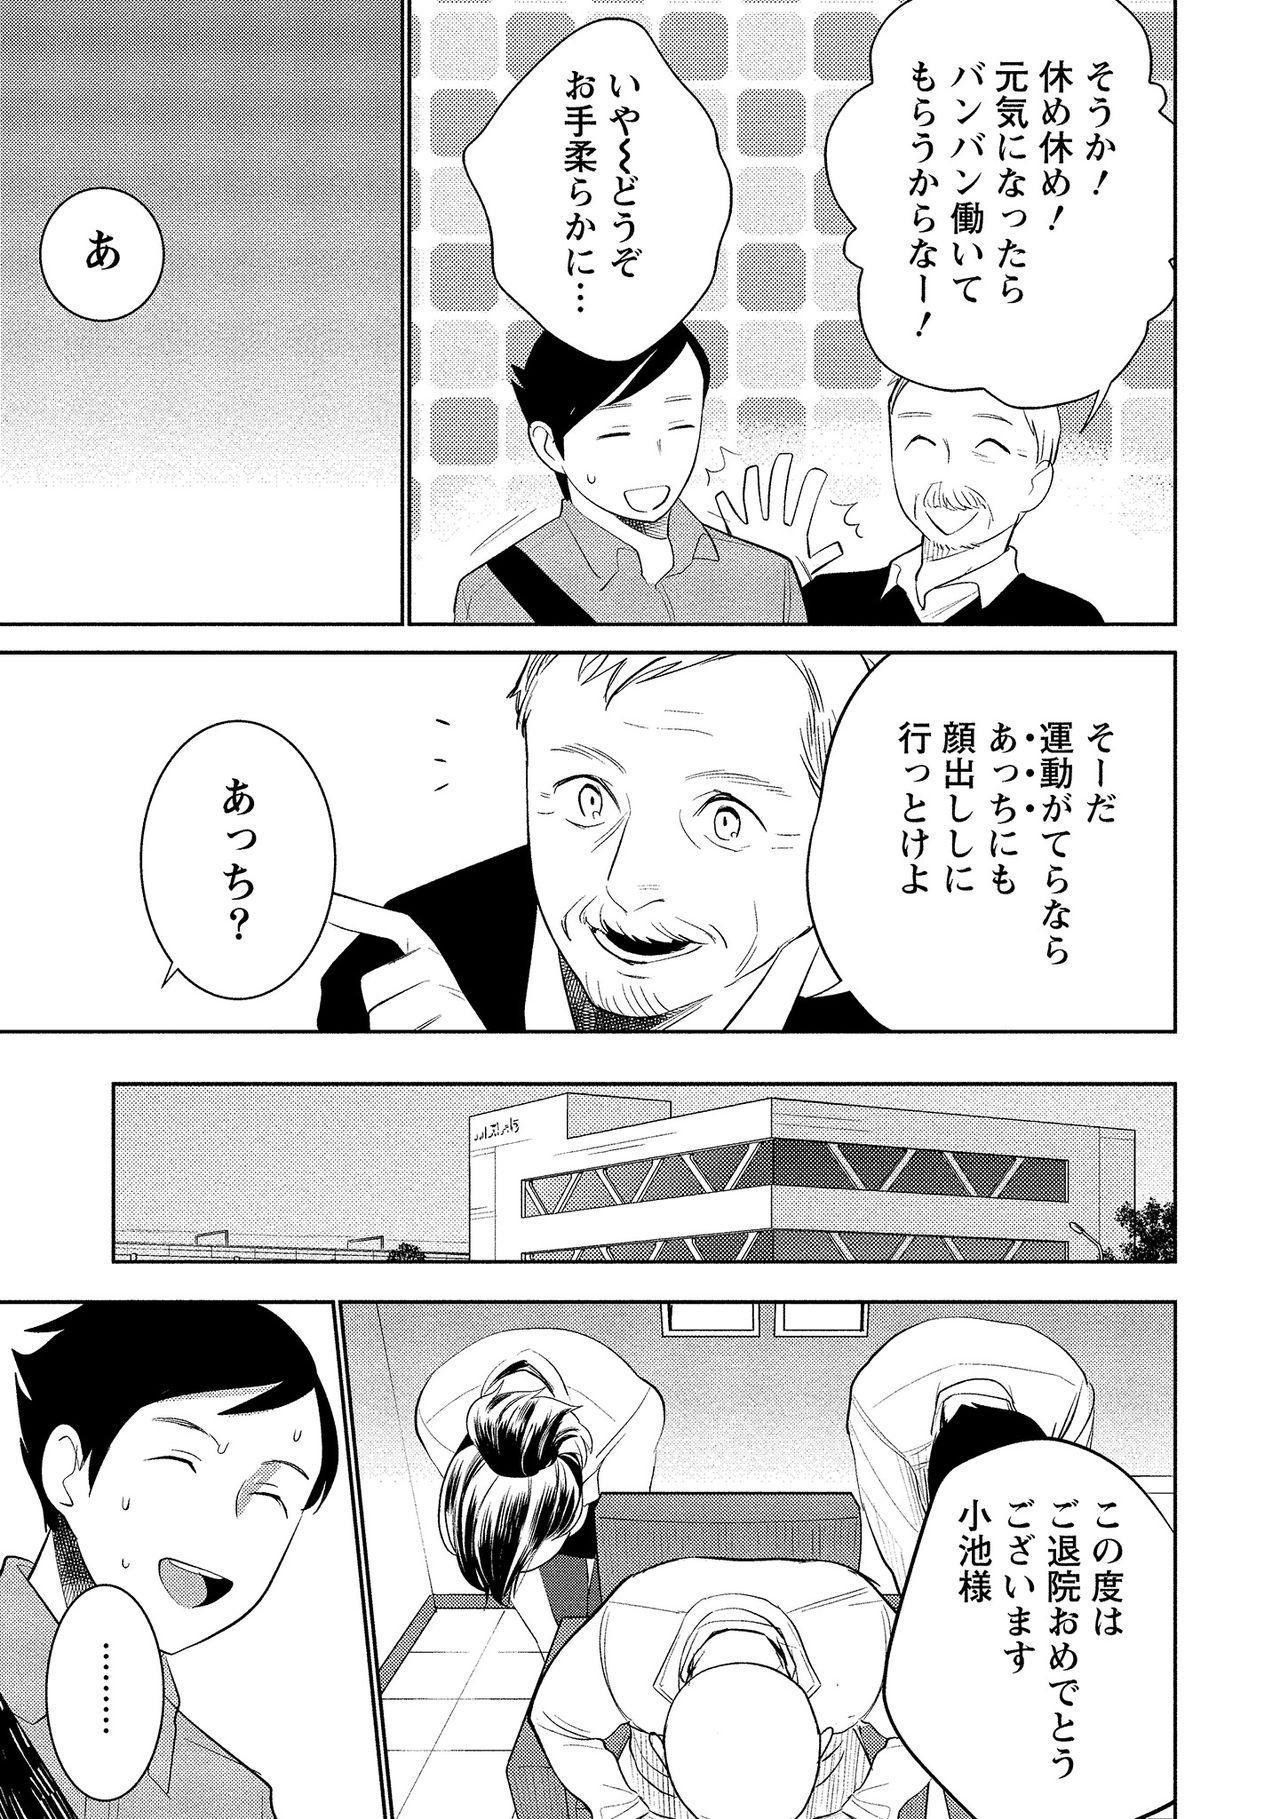 Dorobou Neko wa Kanojo no Hajimari 43